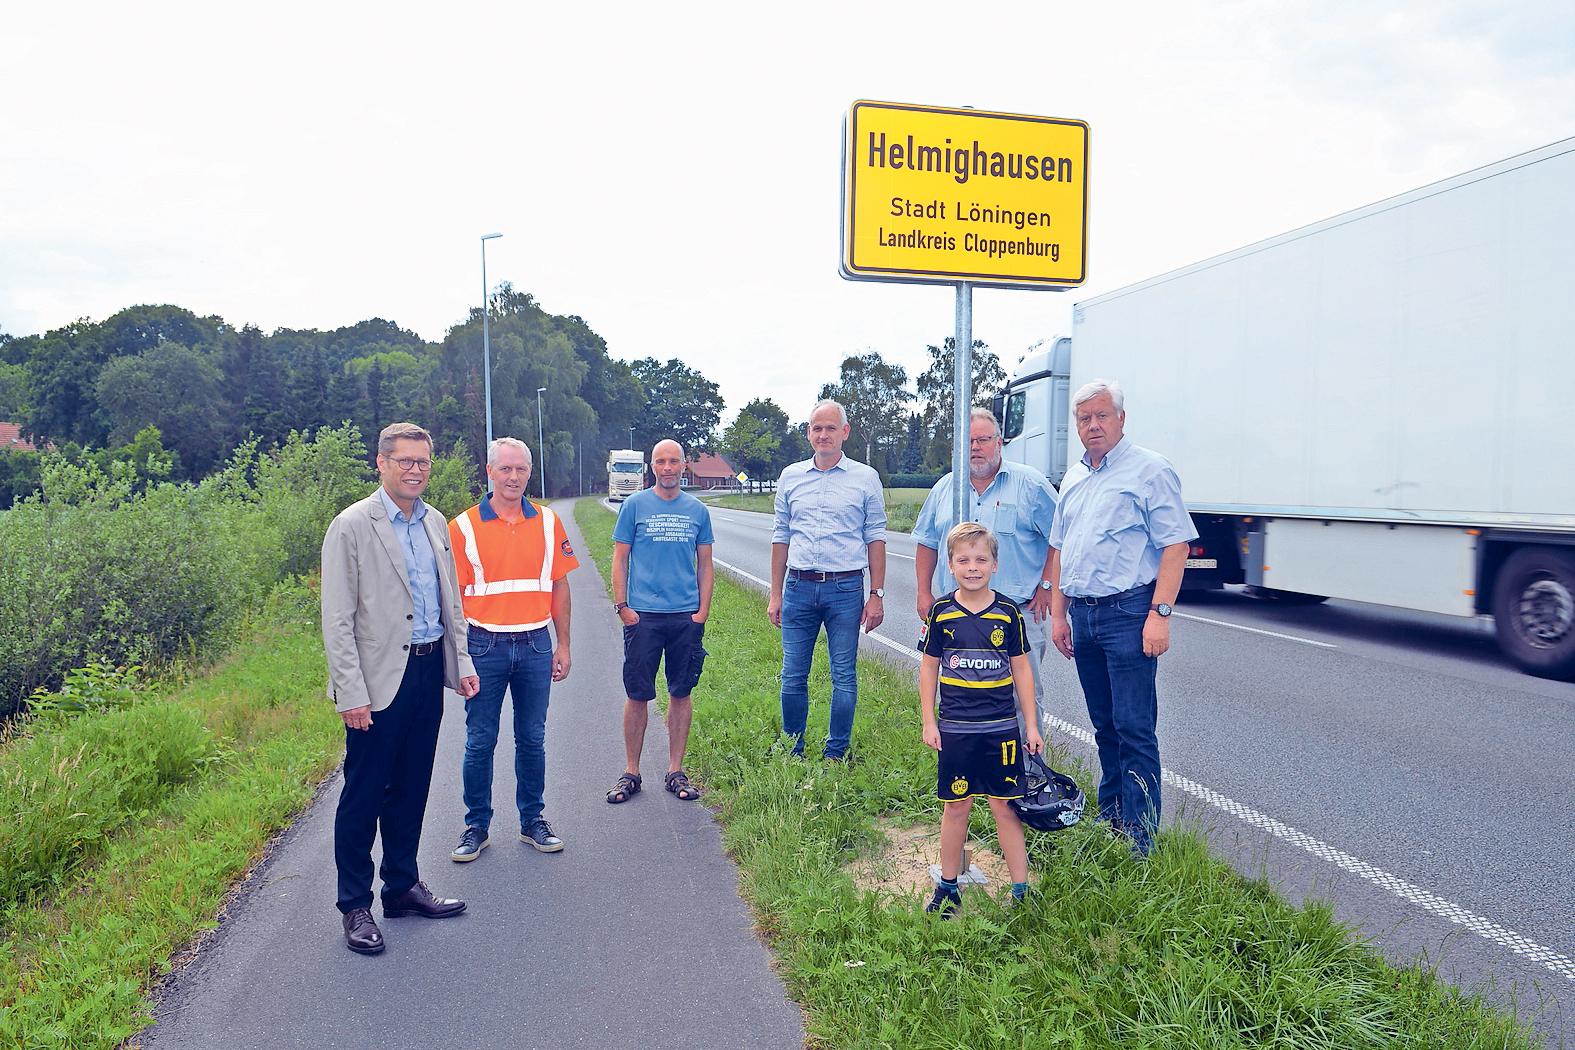 Jetzt geschlossene Ortschaft: Nach jahrzehntelangem Kampf gilt nun Tempo 50 auf der Bundesstraße im Dorf. Foto: Willi Siemer